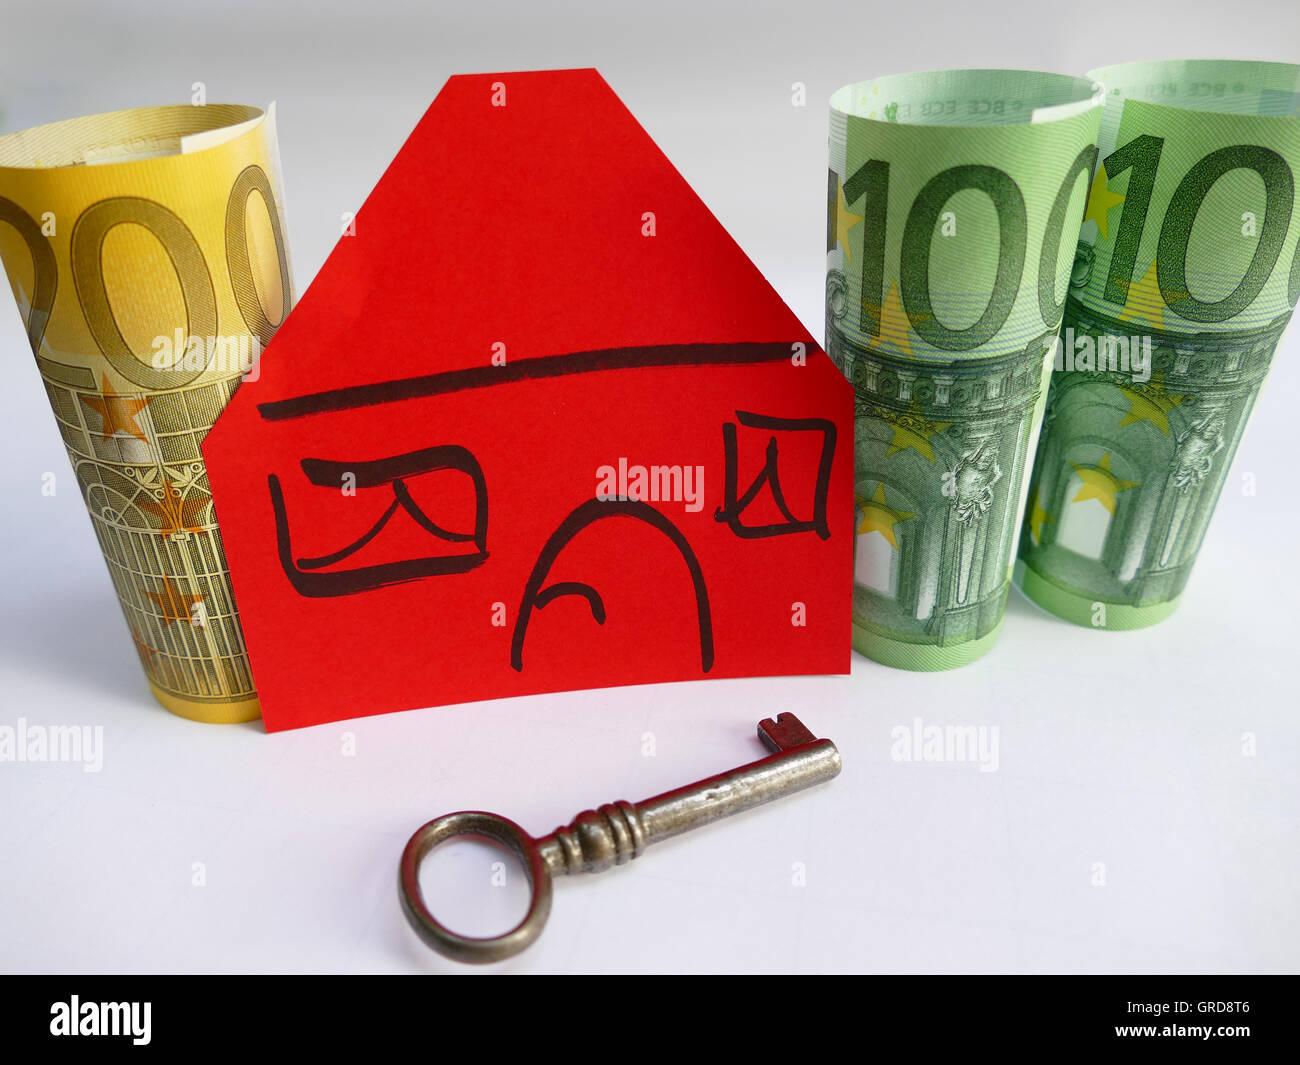 Symbol Photo Buying A House - Stock Image